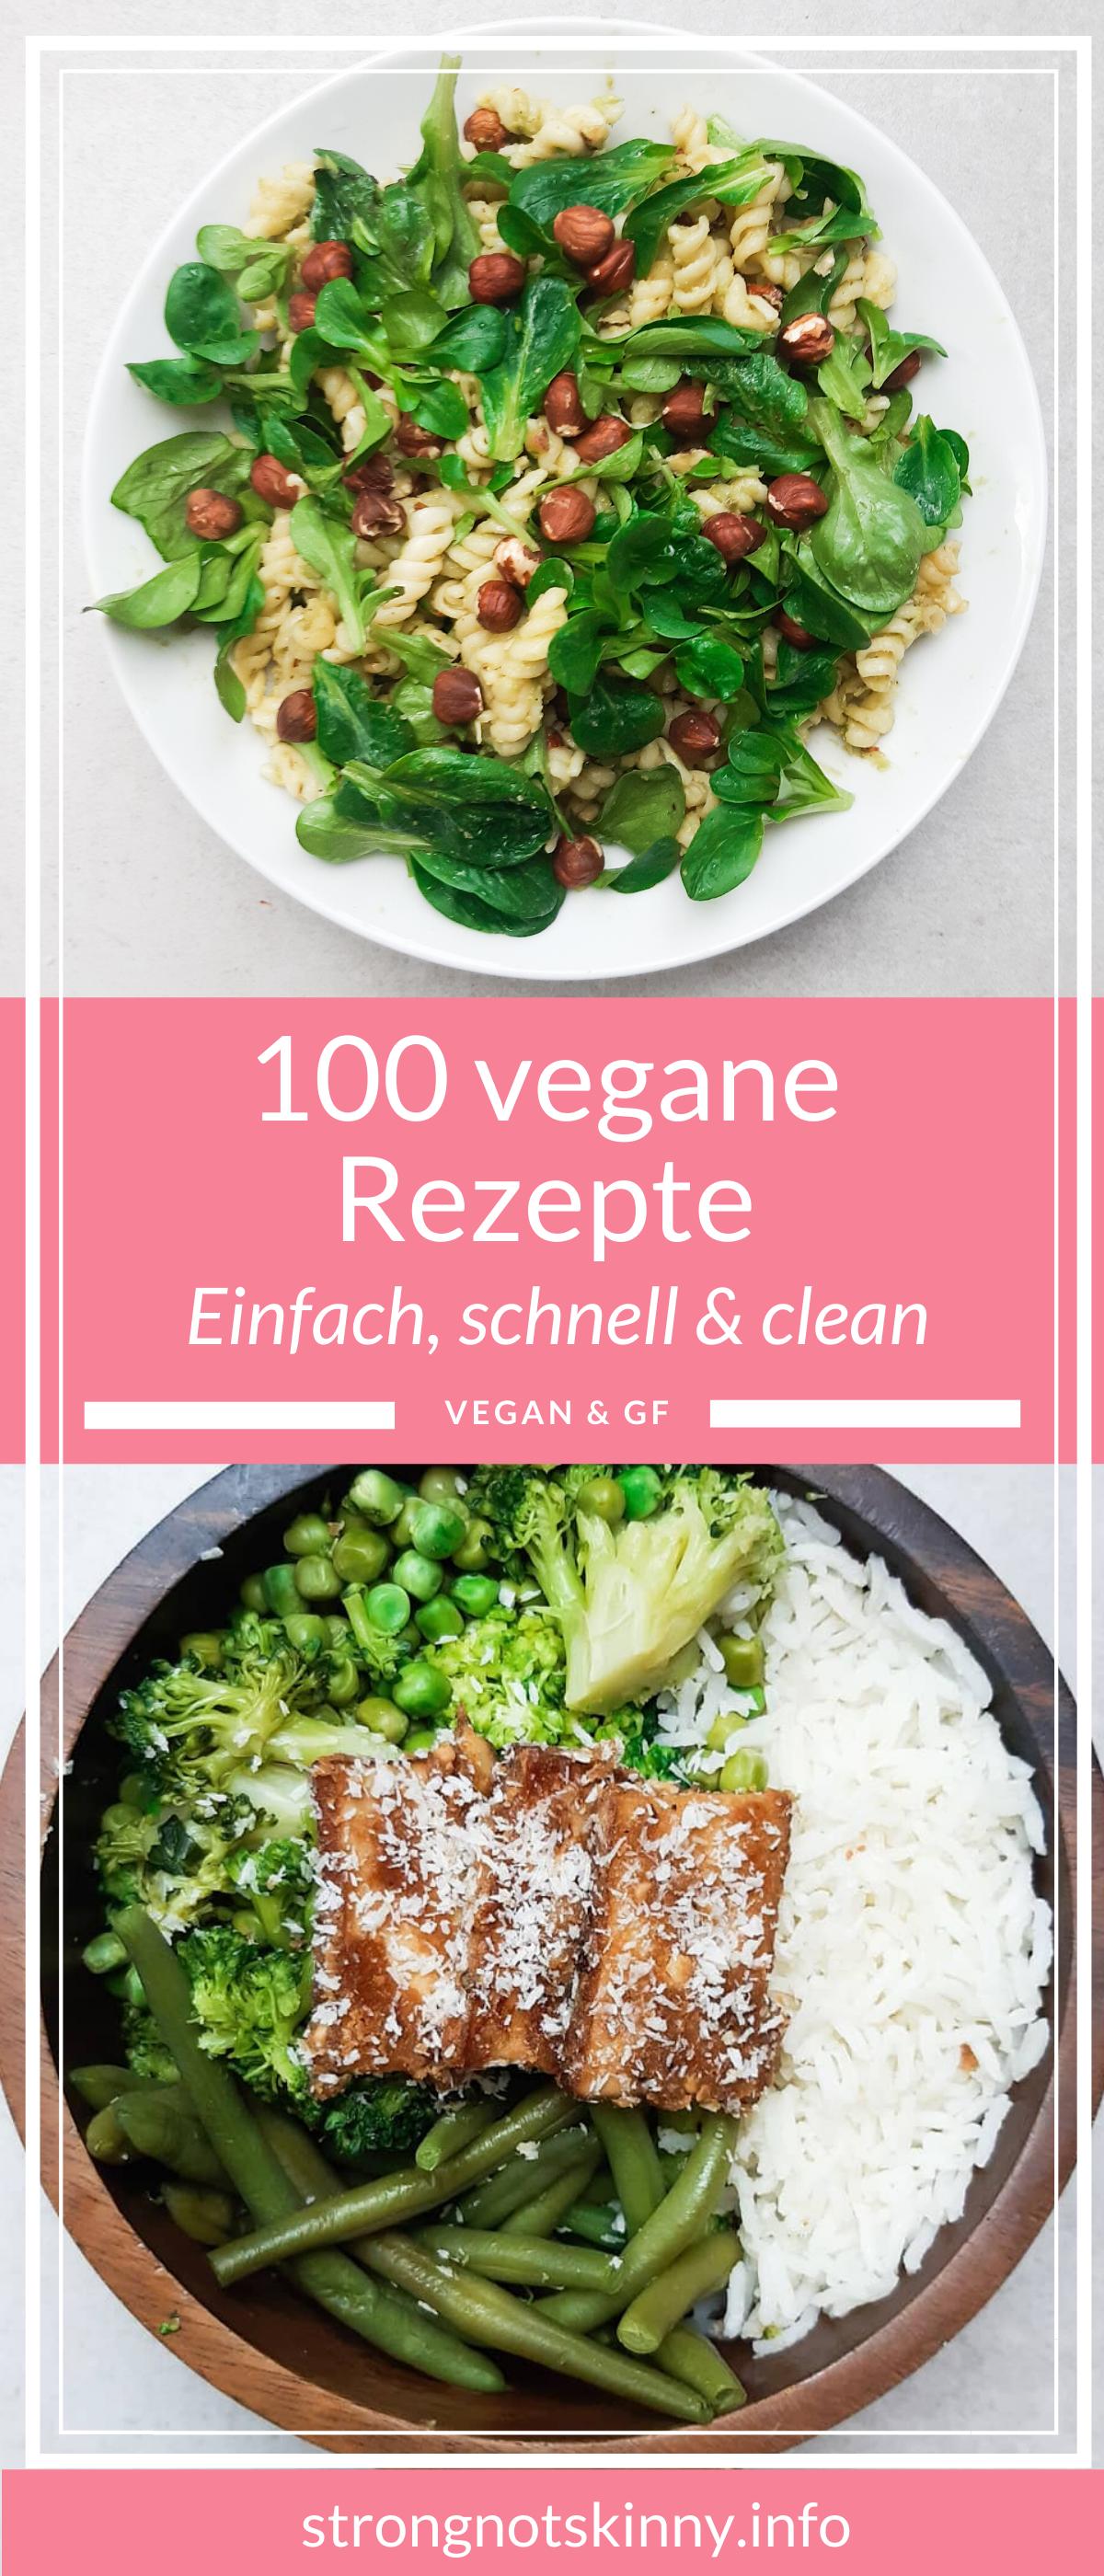 Schnelle Vegane Rezepte Fur Den Feierabend 25 X Go Vegan Schnelle Vegane Rezepte Vegetarisch Kochen Gesunde Rezepte